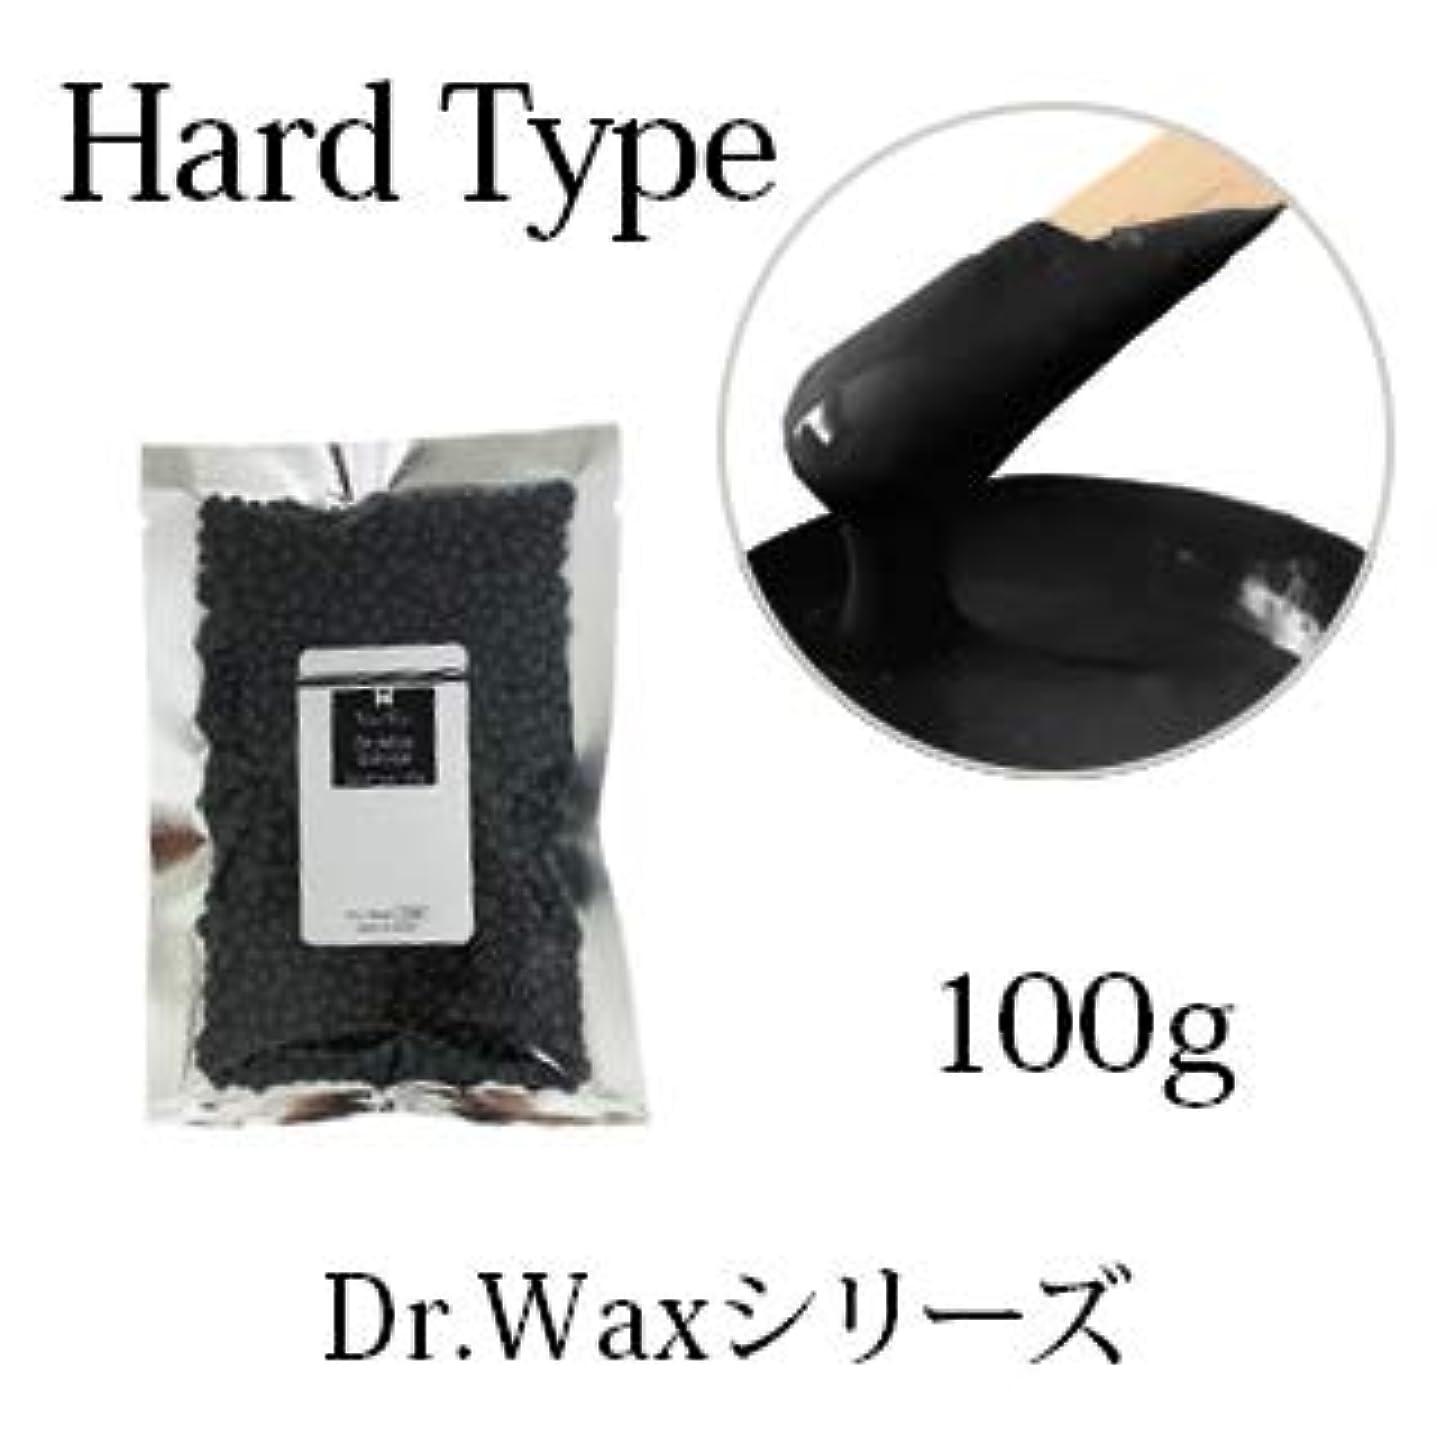 誠実さ宇宙船依存する【Dr.waxシリーズ】ワックス脱毛 粒タイプ 紙を使用しない ハードワックス (キャビア 100g)